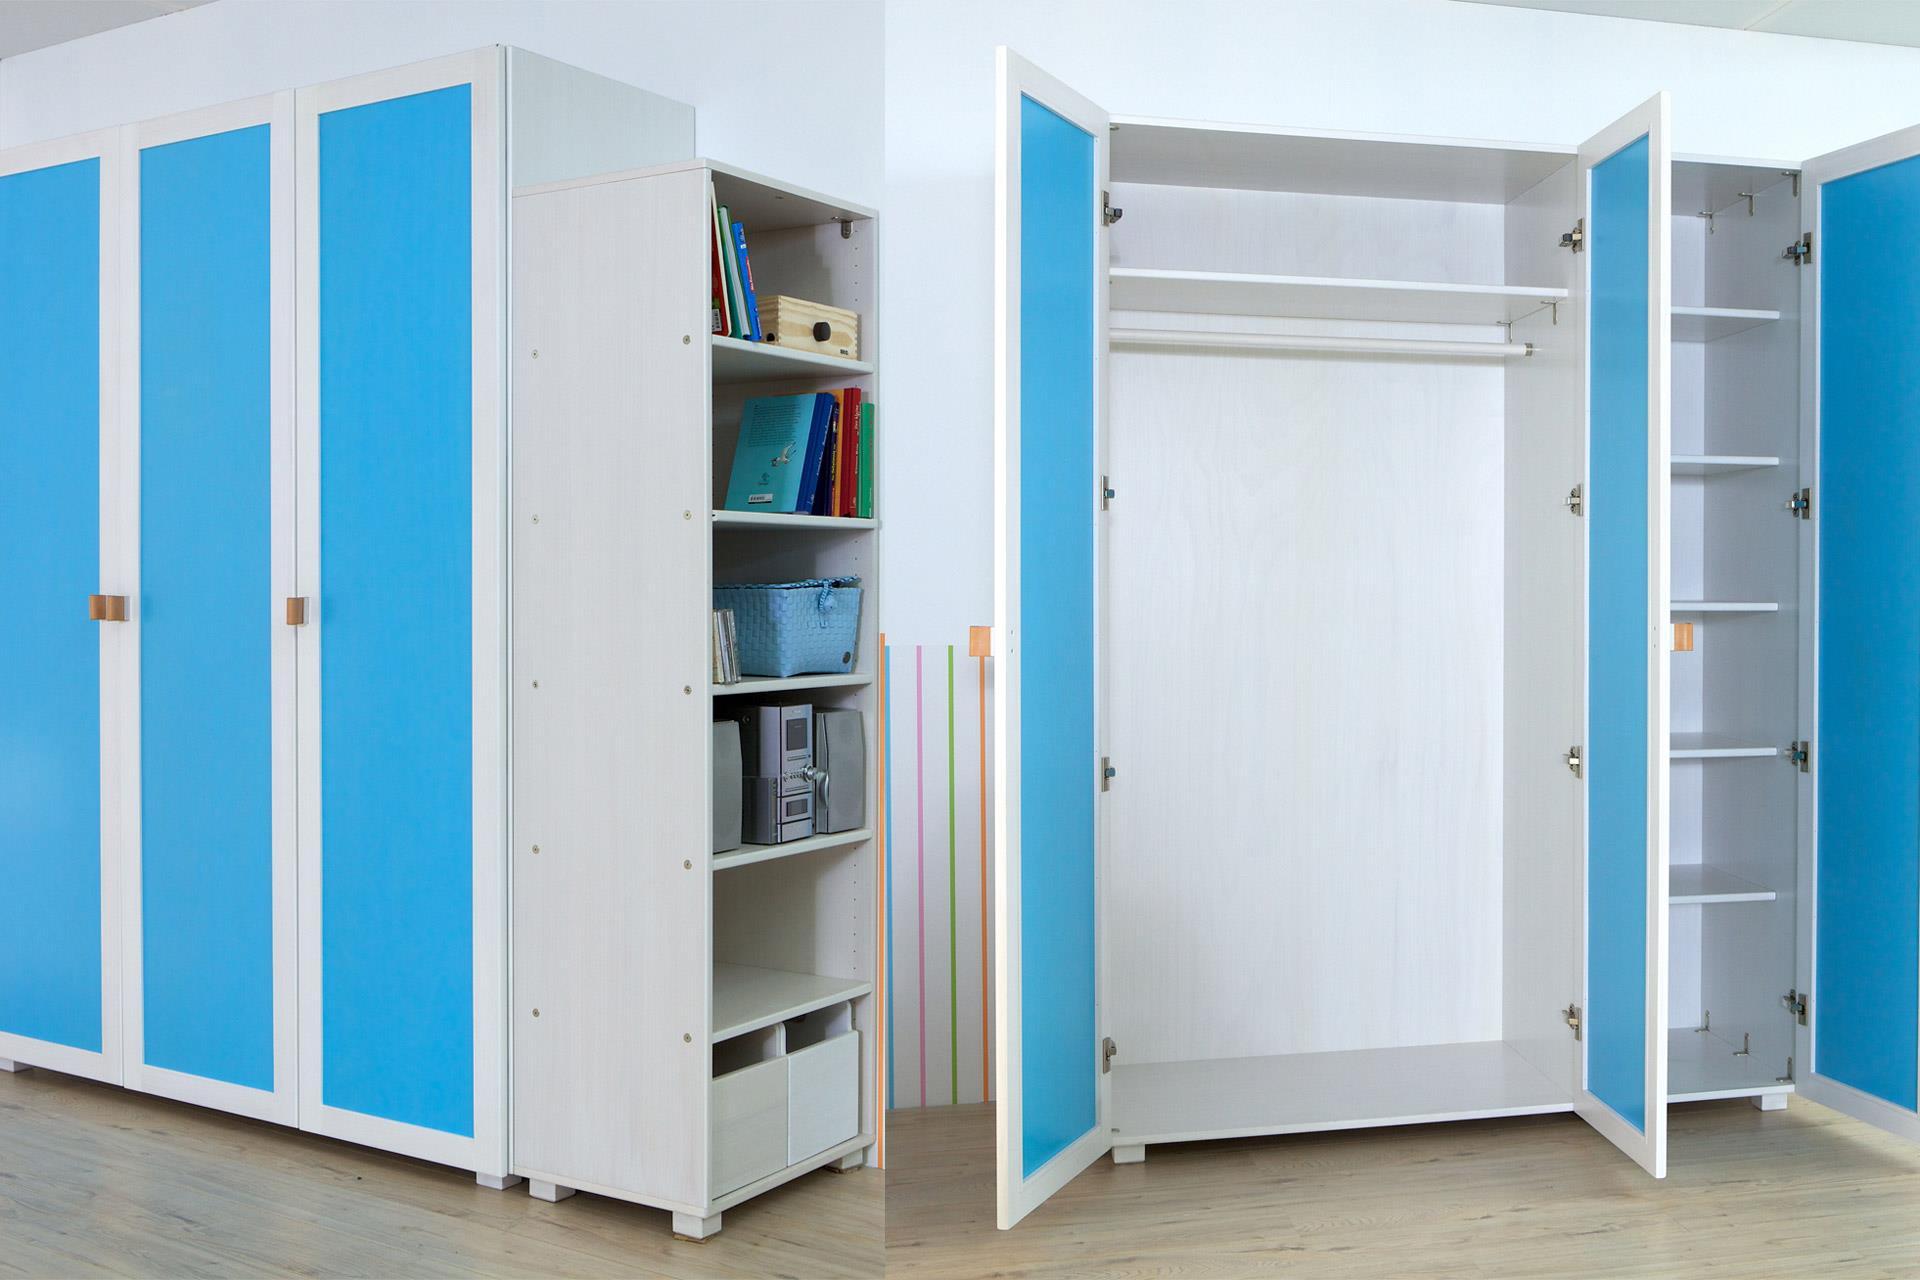 produktbild kleiderschrank f llung blau 1920x1280px. Black Bedroom Furniture Sets. Home Design Ideas